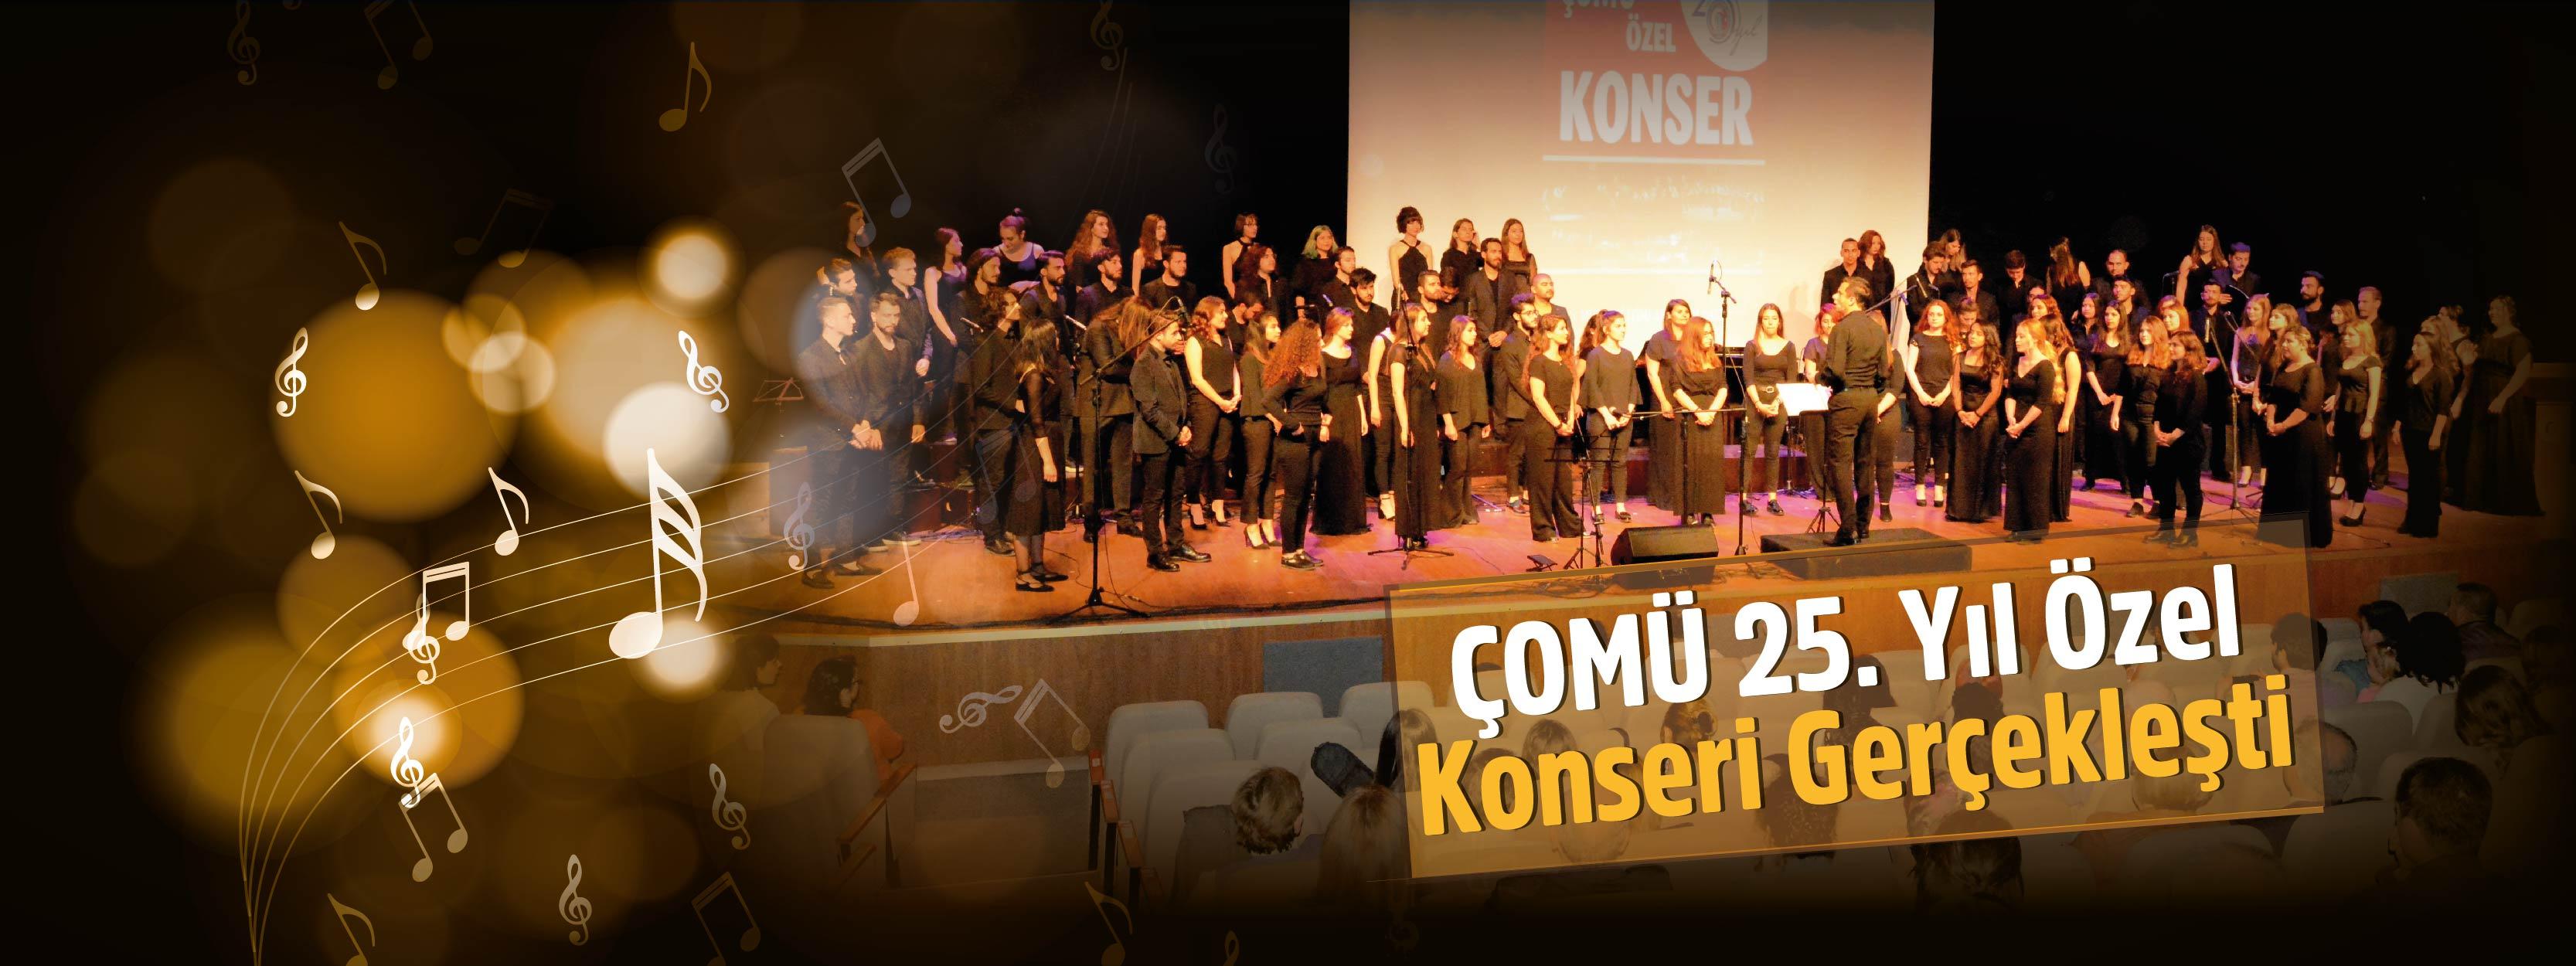 ÇOMÜ 25. Yıl Özel Konseri Gerçekleştirildi